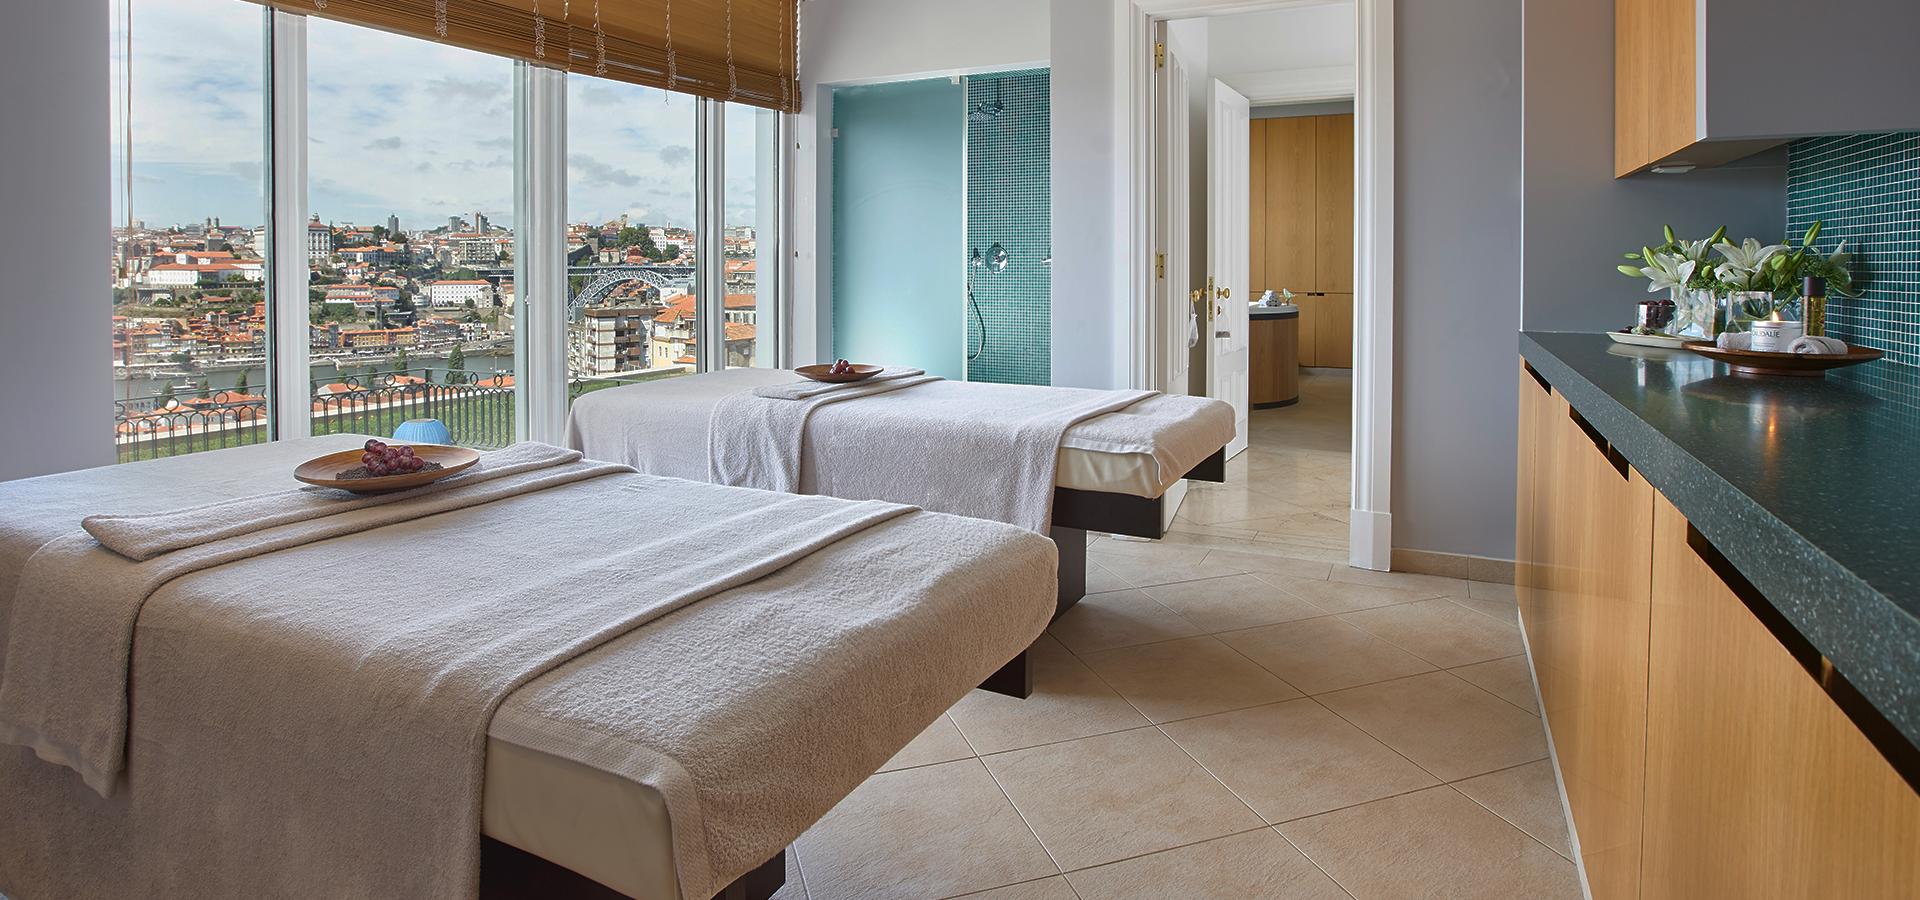 Porto Luxury Hotel